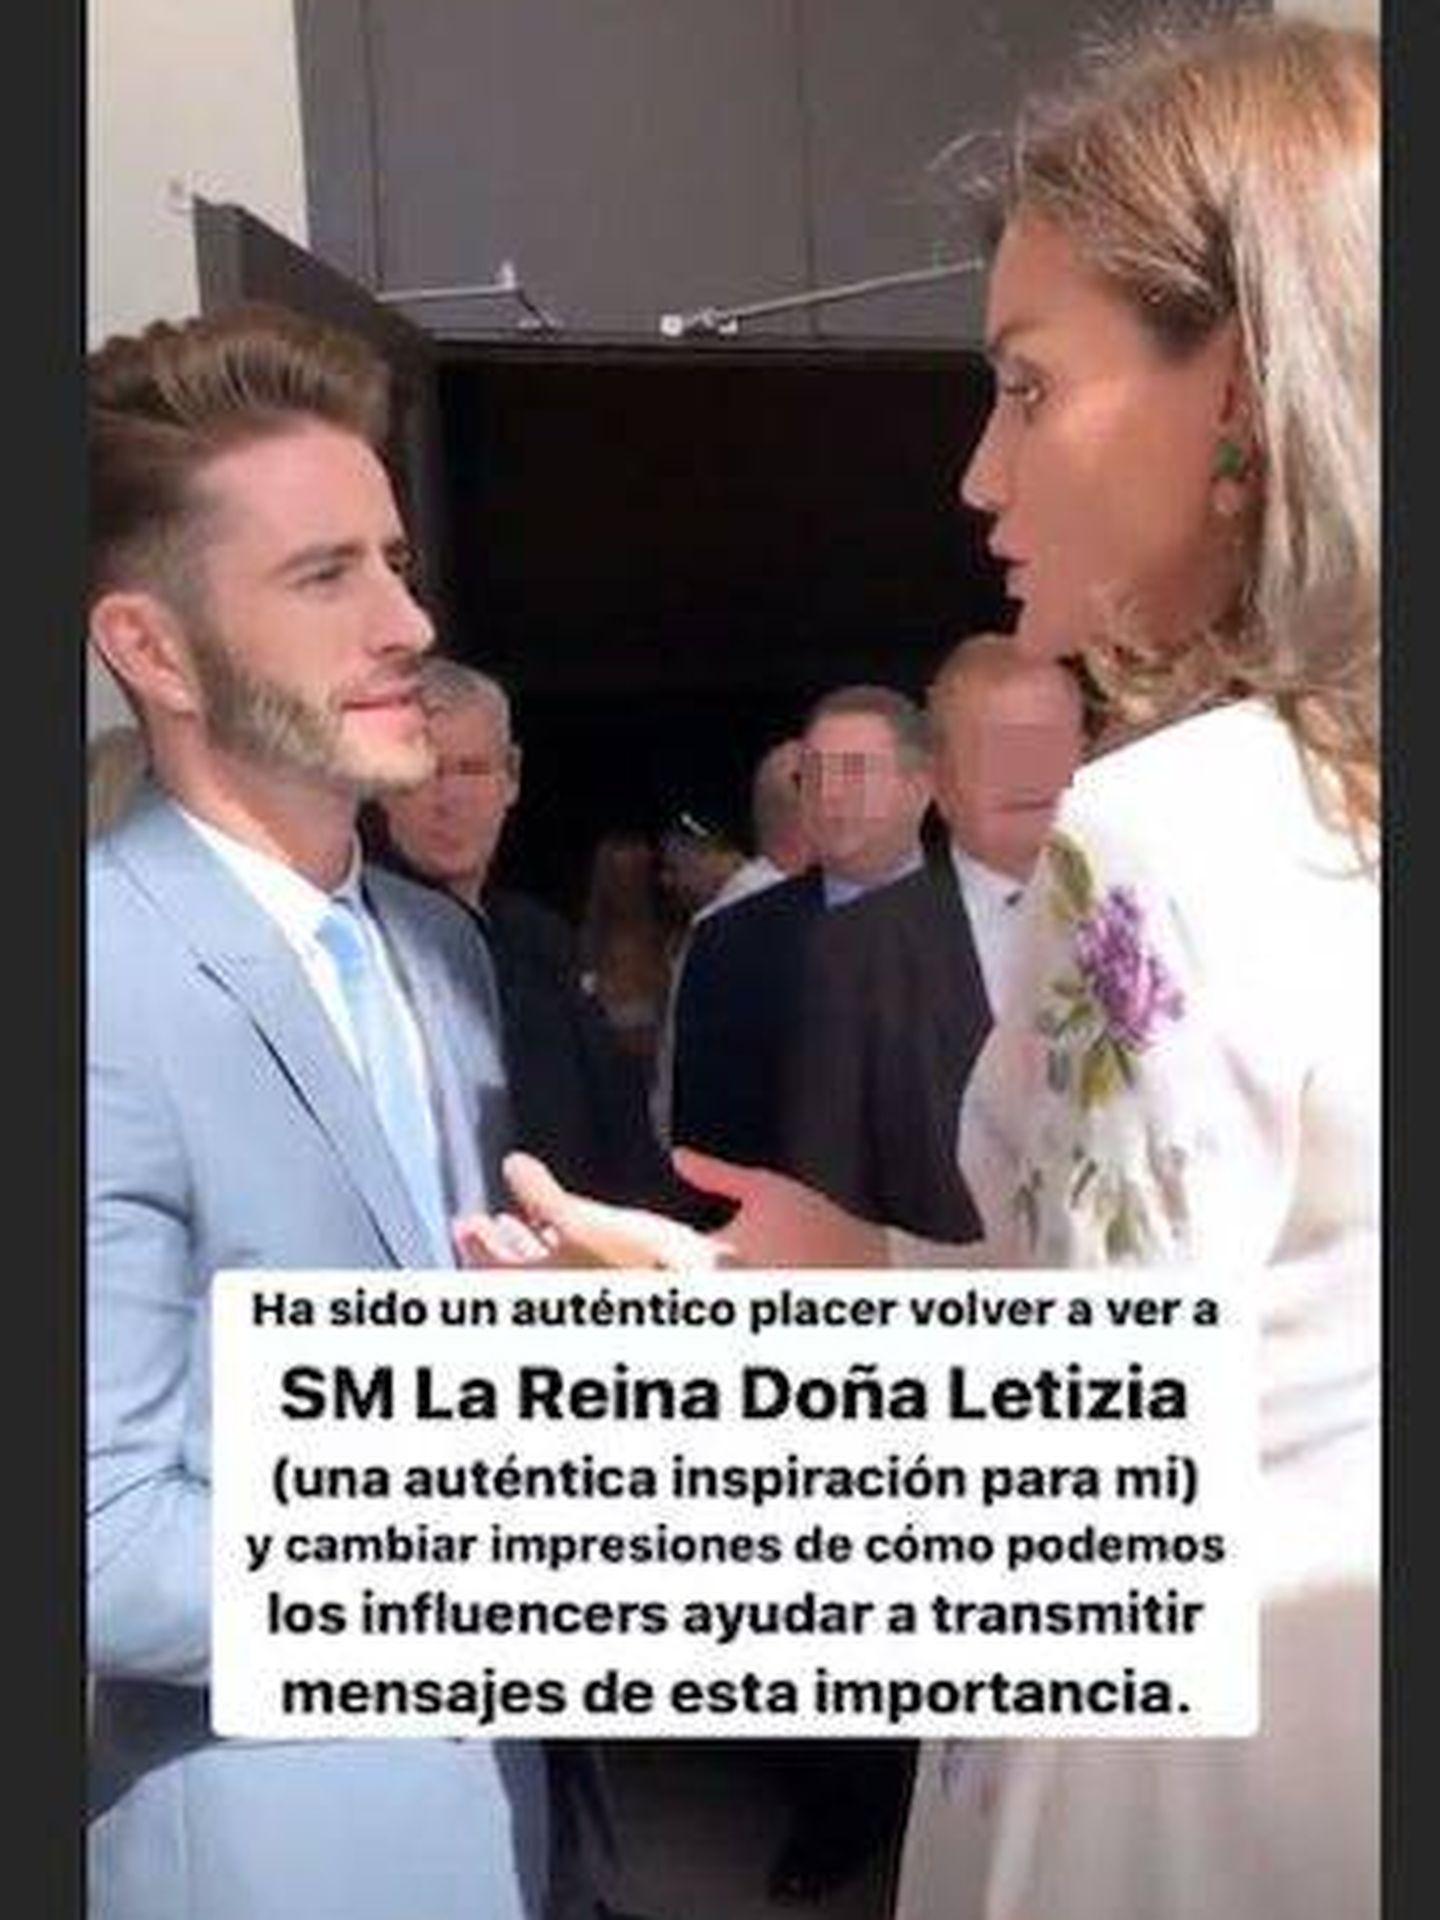 El encuentro de Pelayo y Letizia. (Instagram)